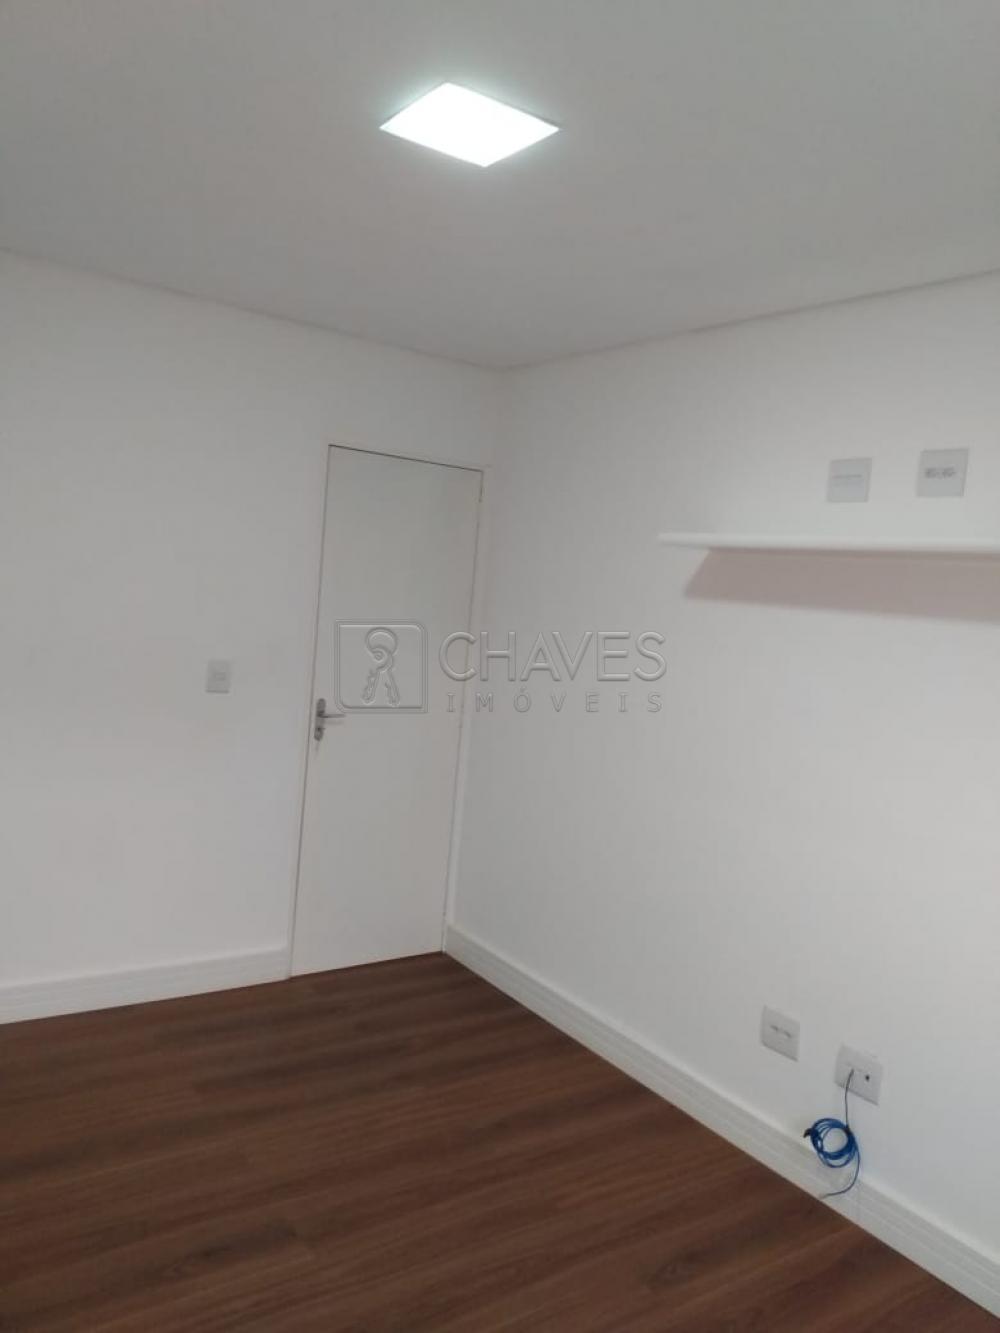 Comprar Apartamento / Padrão em Brodowski R$ 150.000,00 - Foto 9